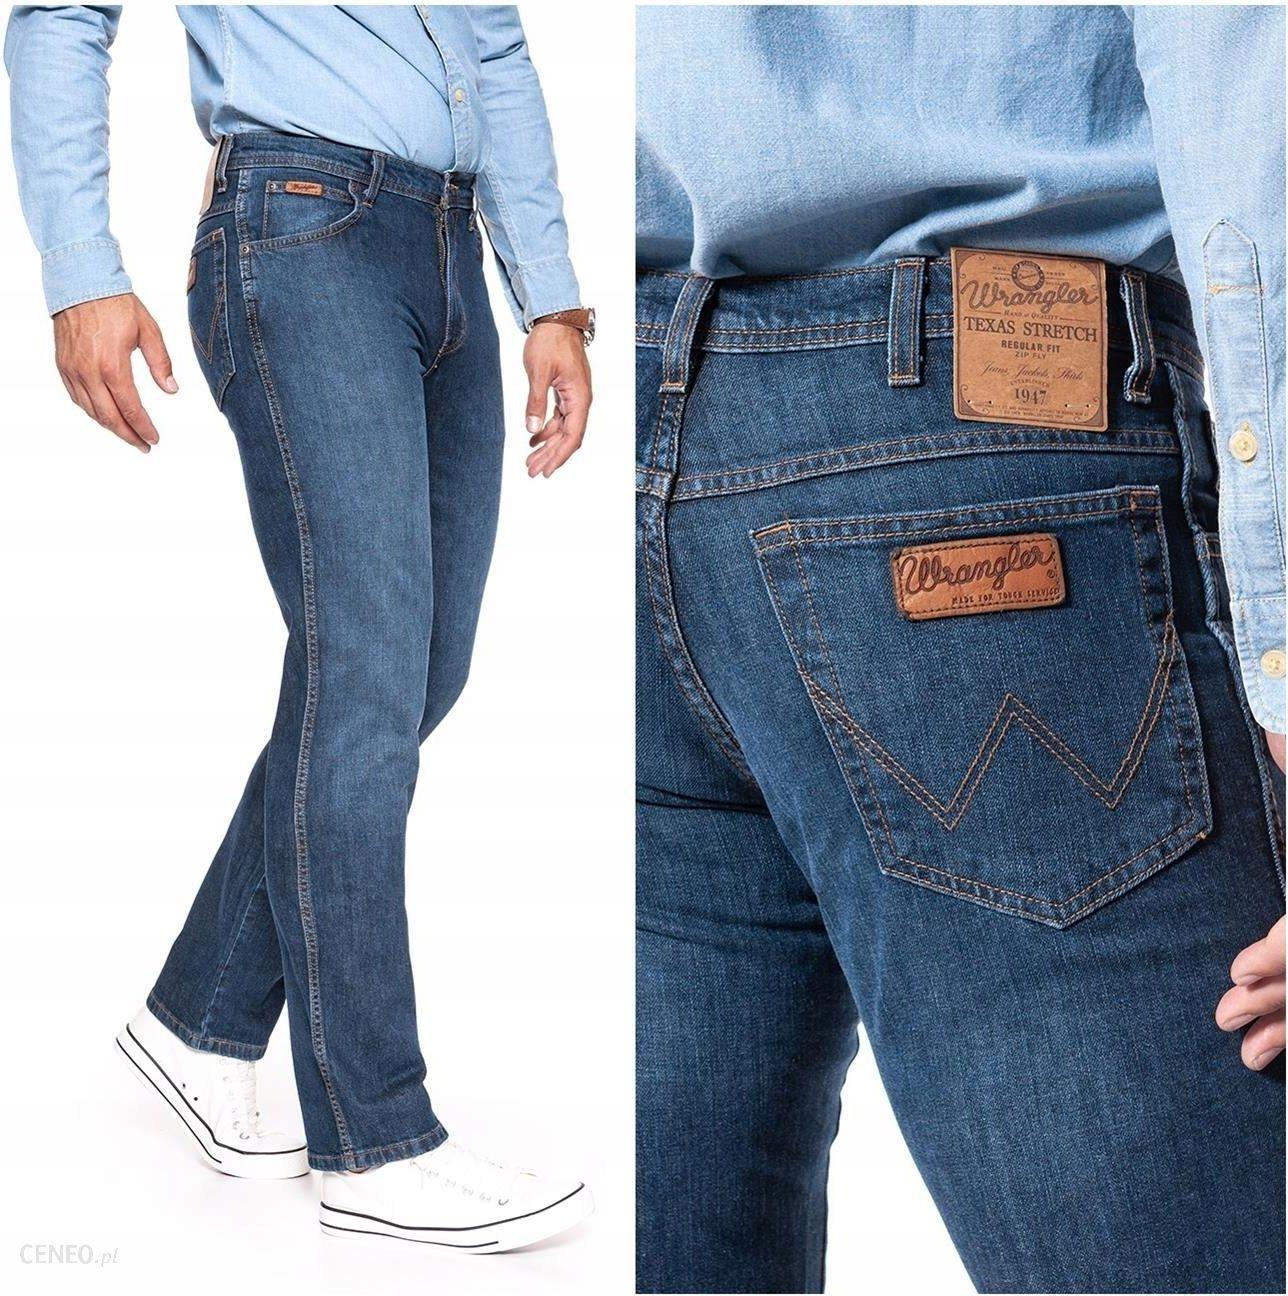 fef2d26f2ec4ce Wrangler Texas Spodnie Jeansowe Męskie Hit W32 L34 - Ceny i opinie ...